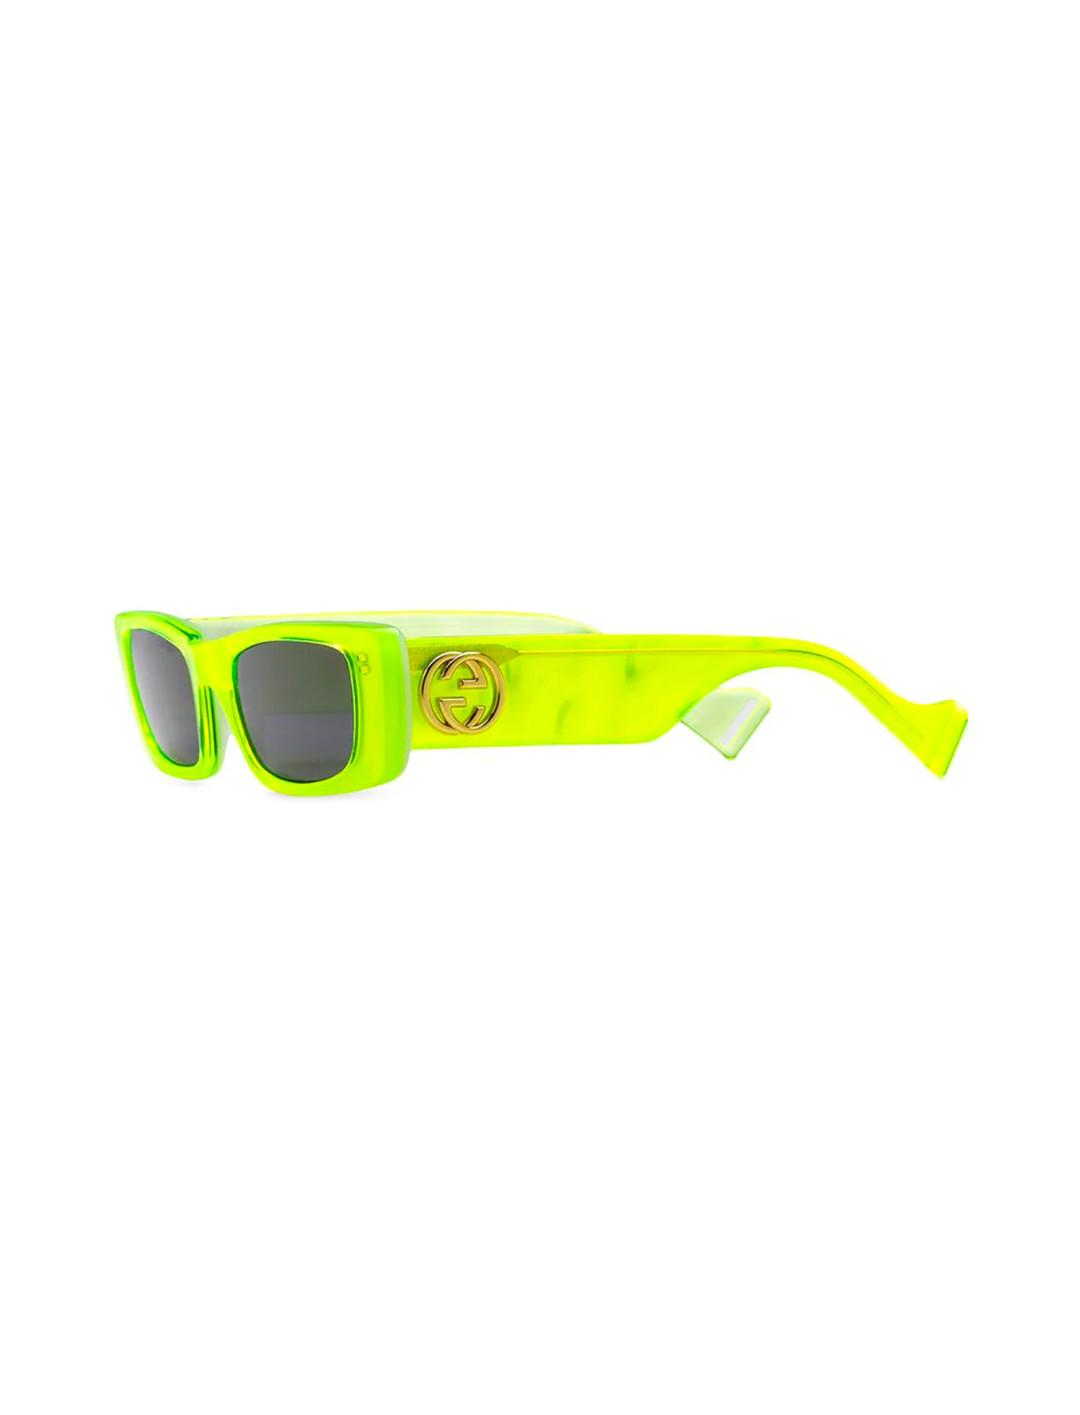 Rectangular Sunglasses Accessories